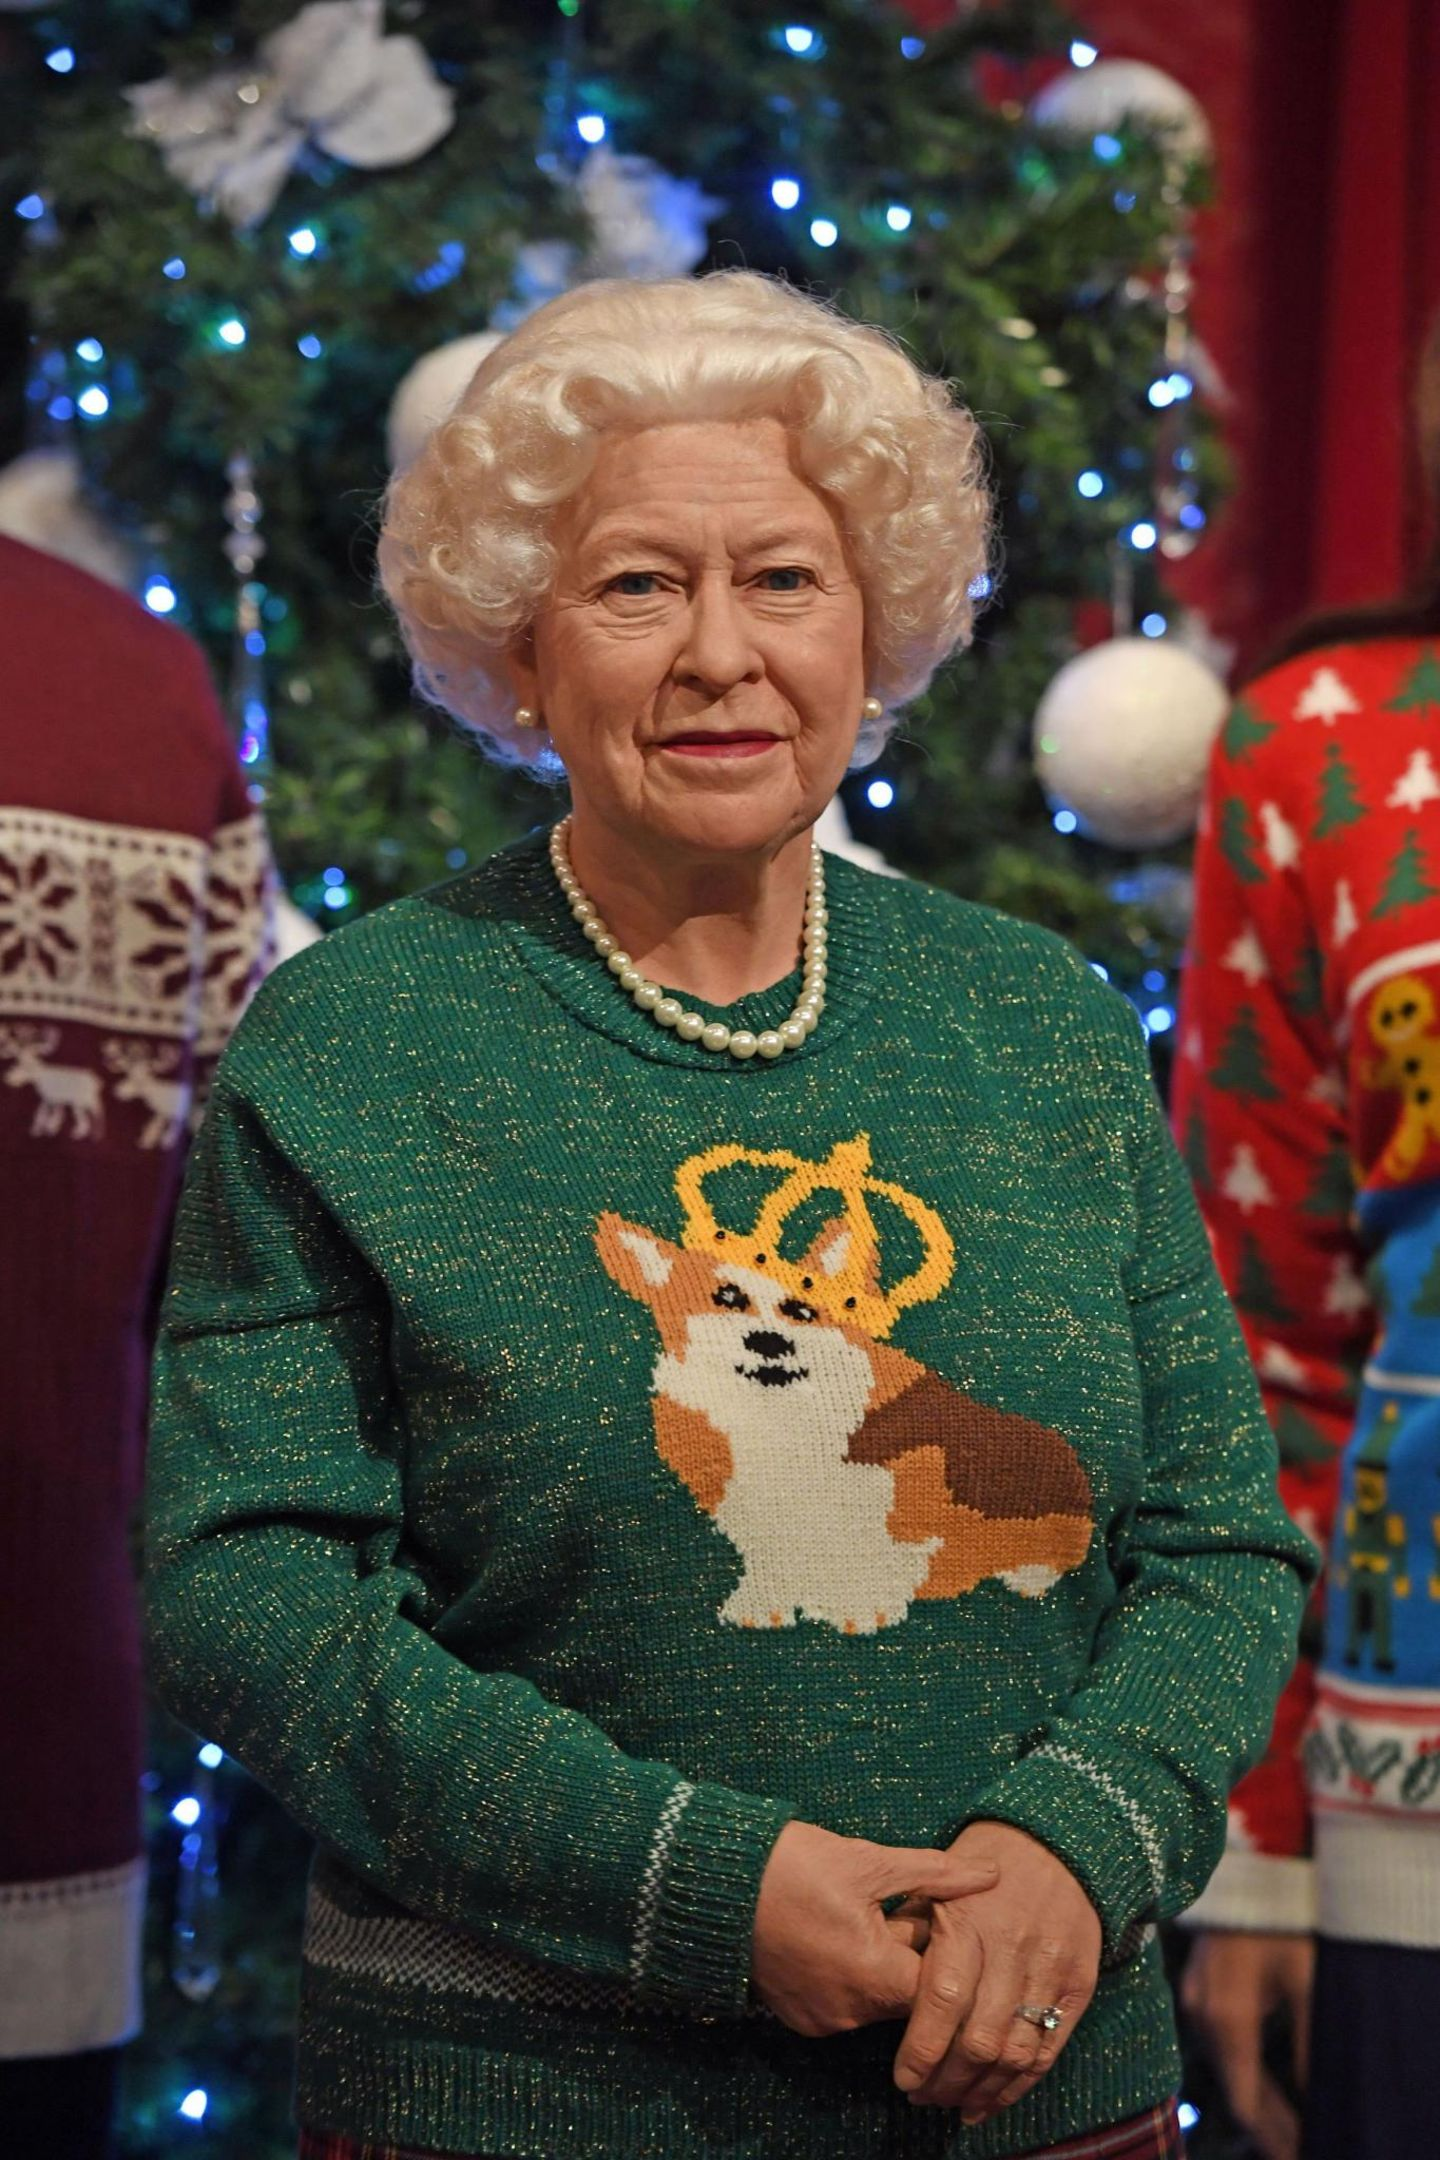 Wunderschön: Die Queen aus Wachs trägt einen Weihnachtspullover mit Corgi-Motiv. Kitschiger geht es kaum!